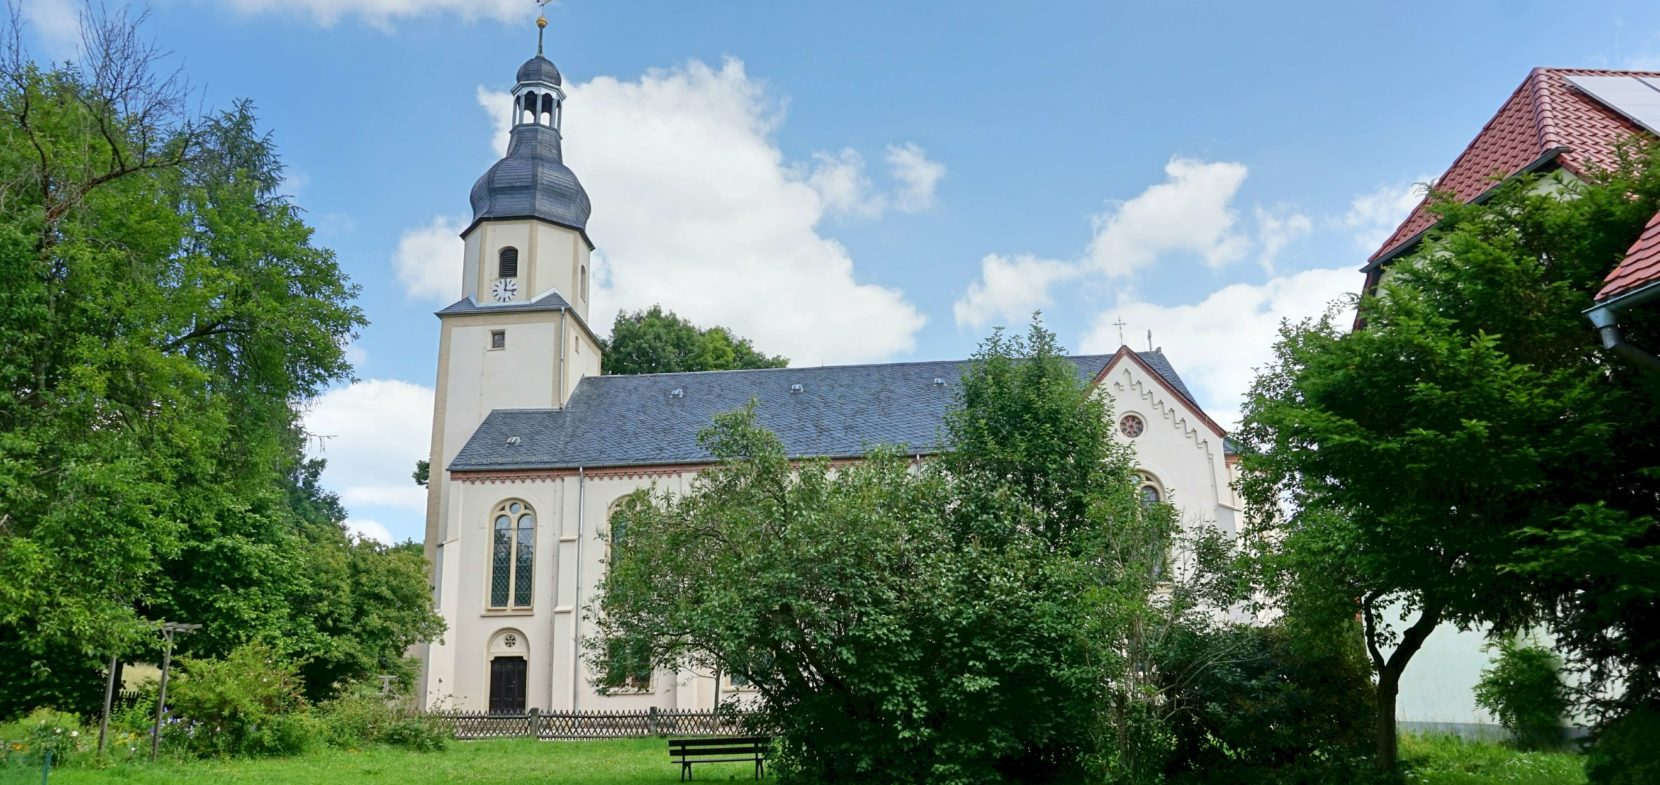 Neukirchen – St.-Martins-Kirche